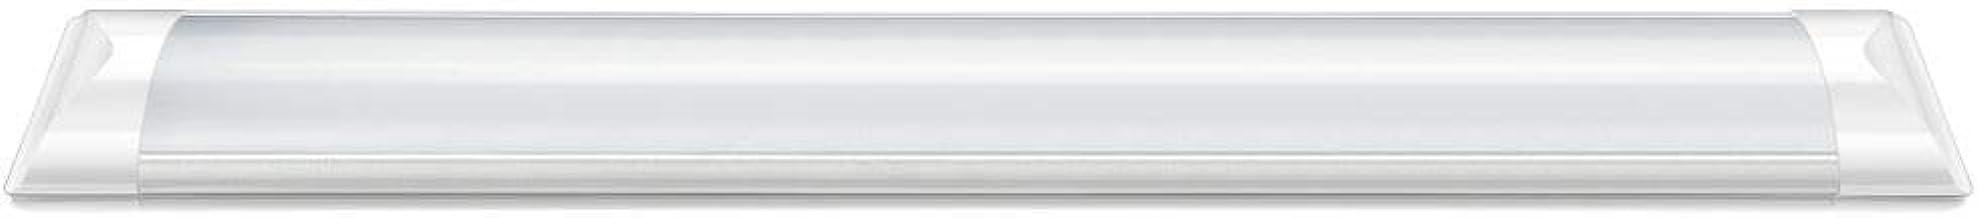 Luminária De Sobrepor Led Slim 18W 6500K Bivolt Branca Fria Elgin